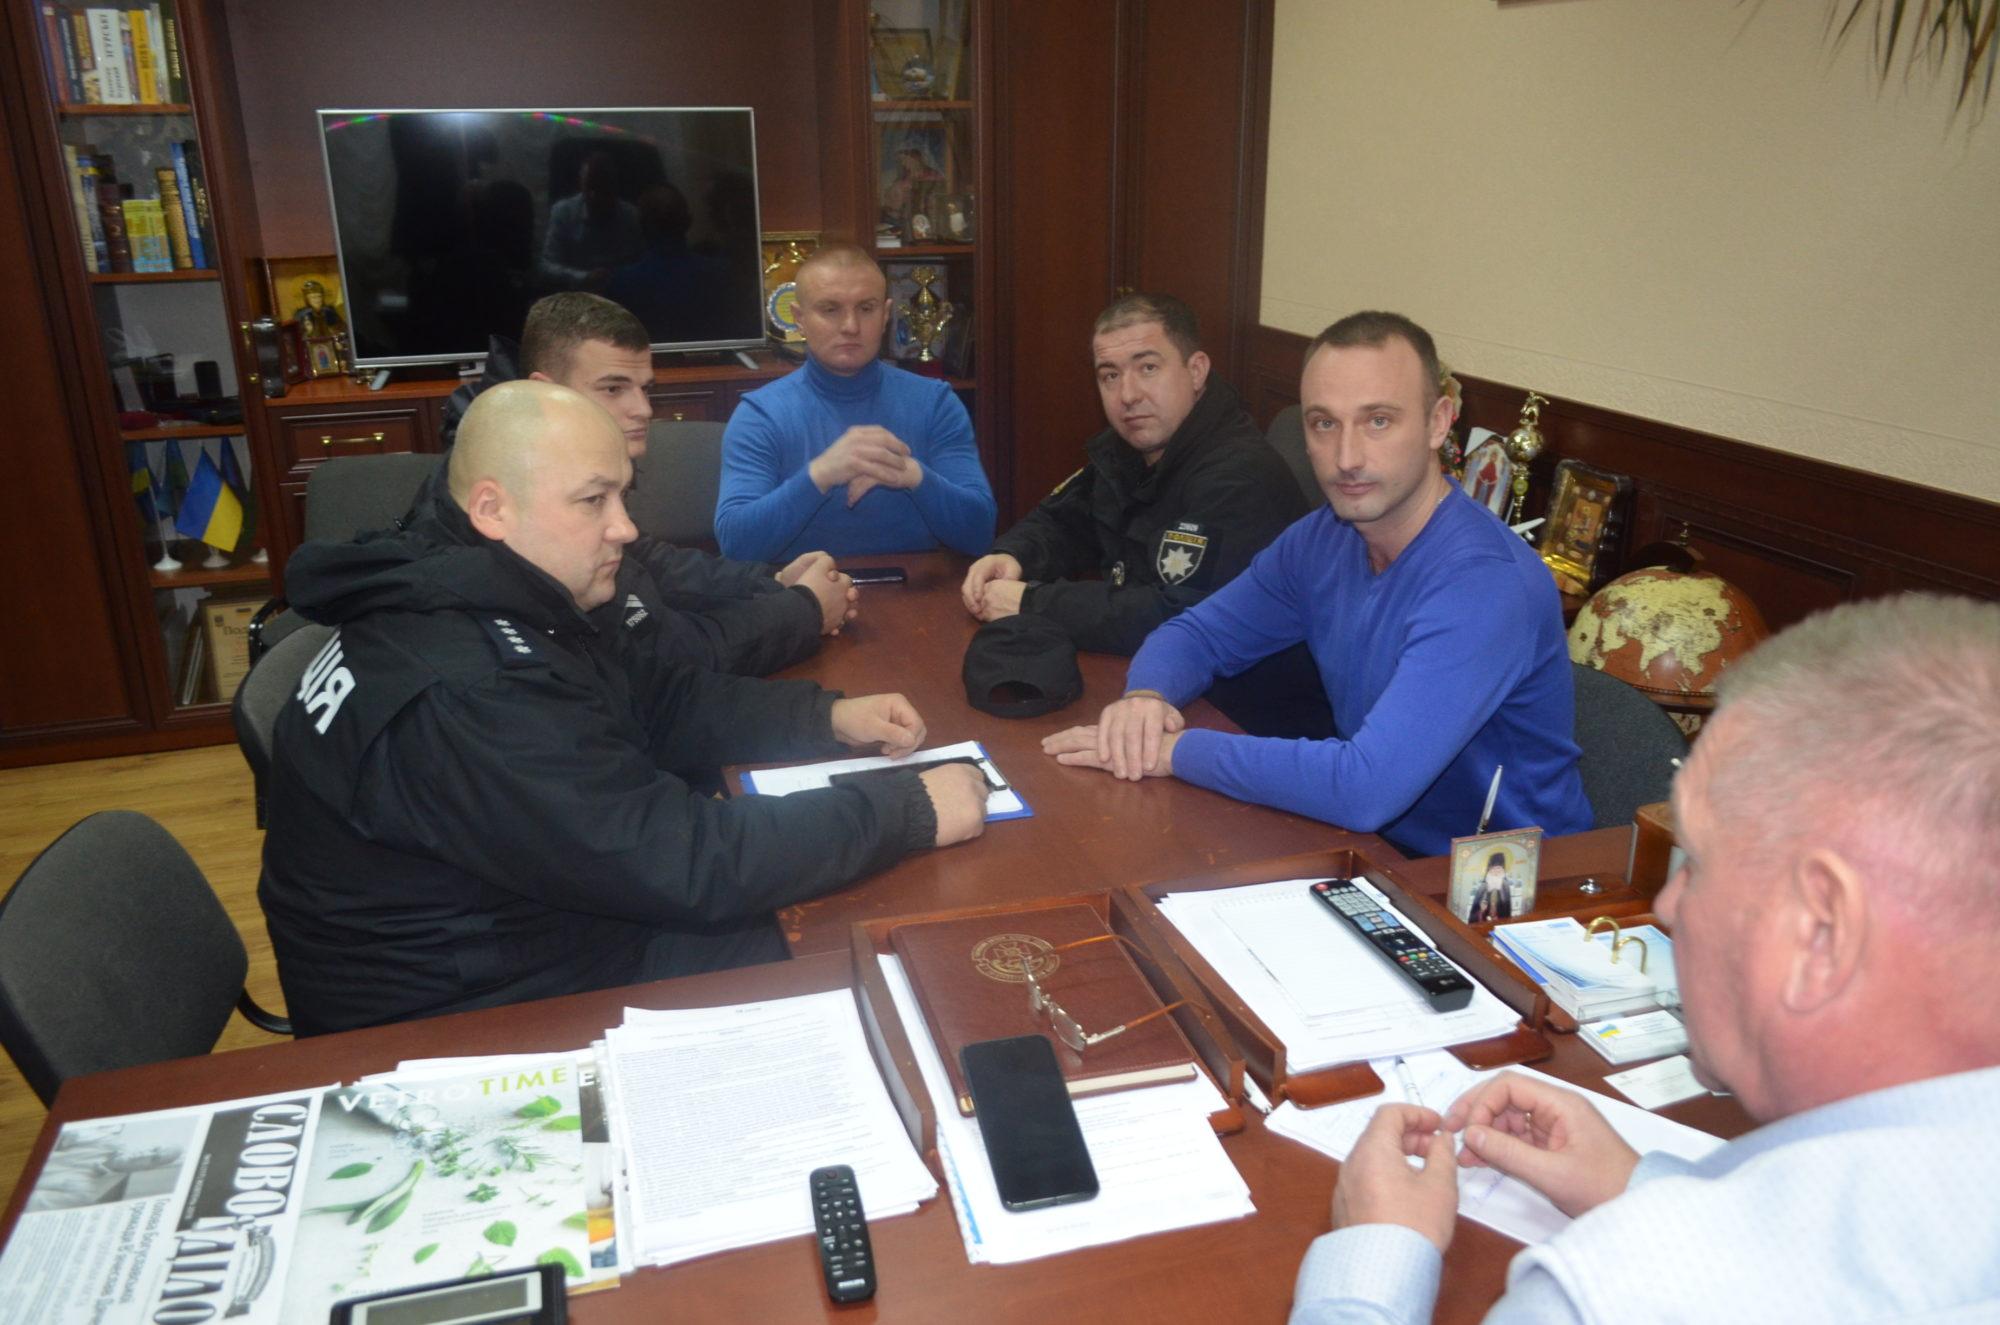 Муніципальна варта у Гостомелі: актуальність у питанні безпеки селища - Приірпіння, Поліція, Муніципальна варта, Ірпінський відділ поліції, Гостомельська селищна рада, Гостомель - m1 2000x1325